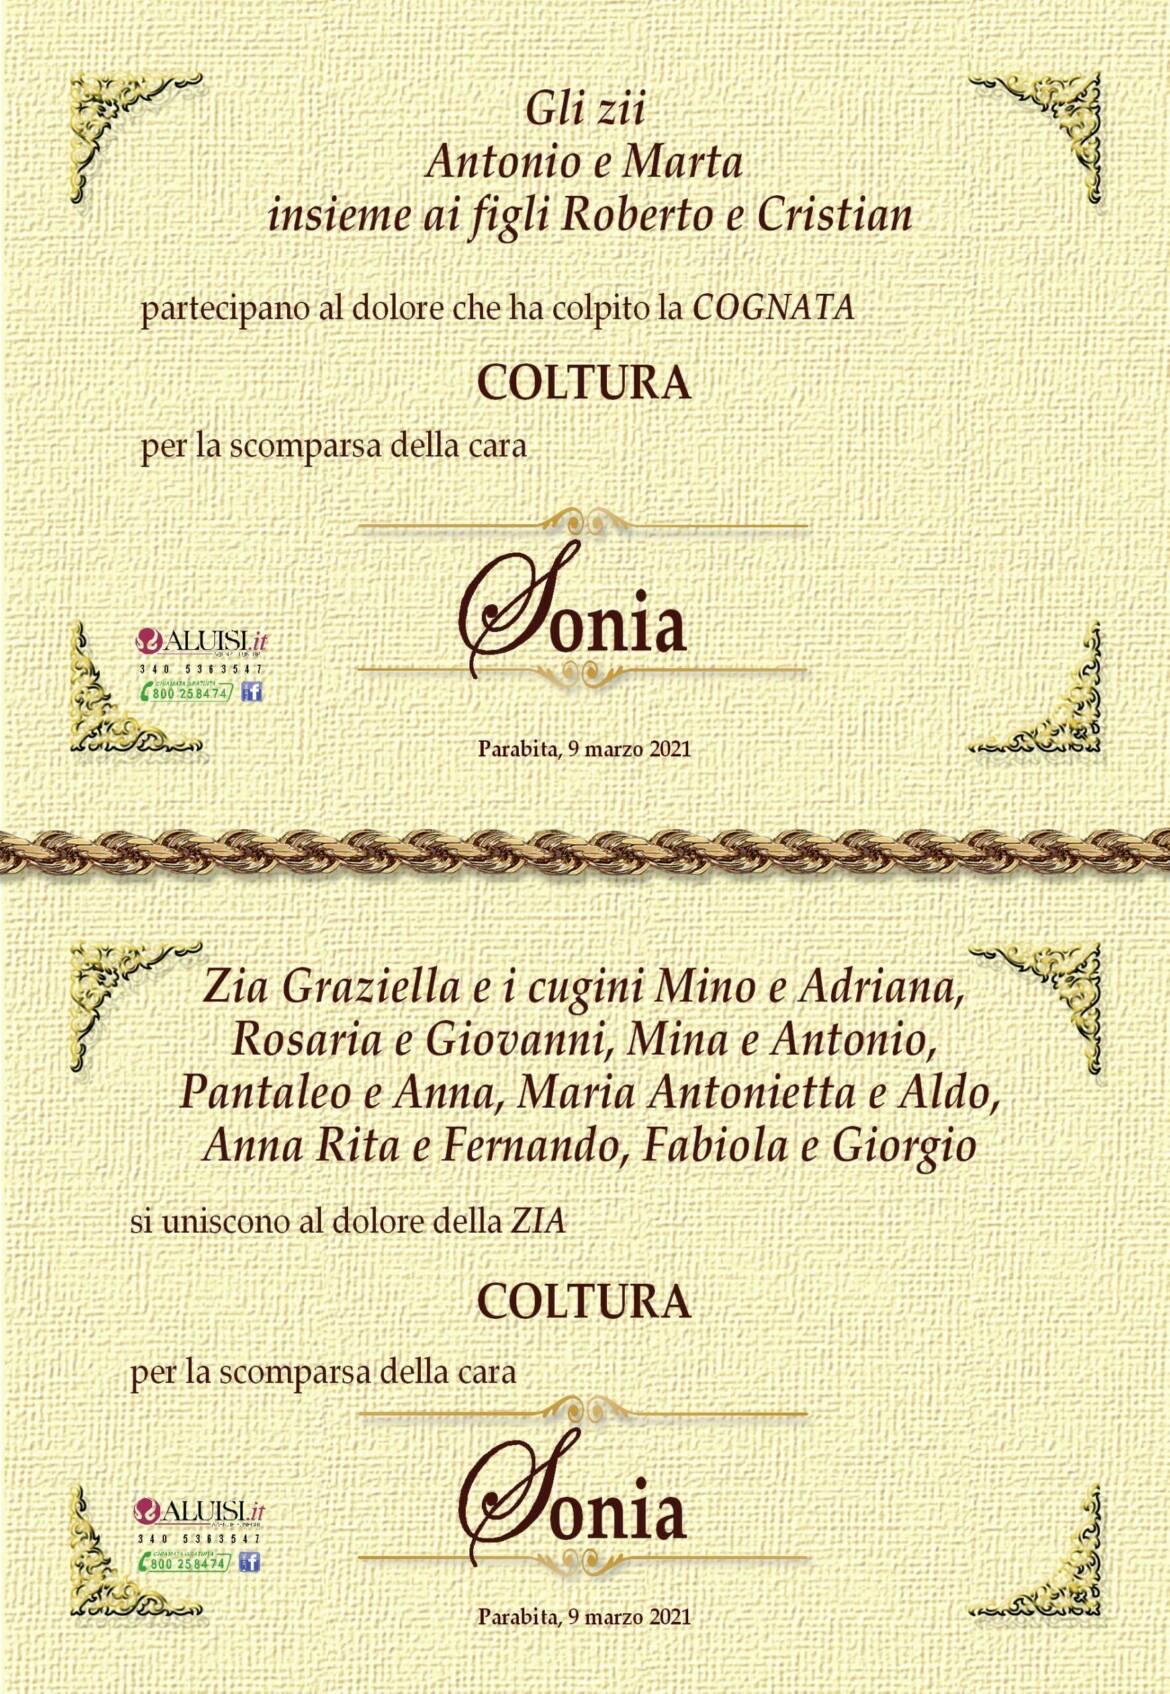 Annuncio-SONIA-COTI-partecipazione1-scaled.jpg